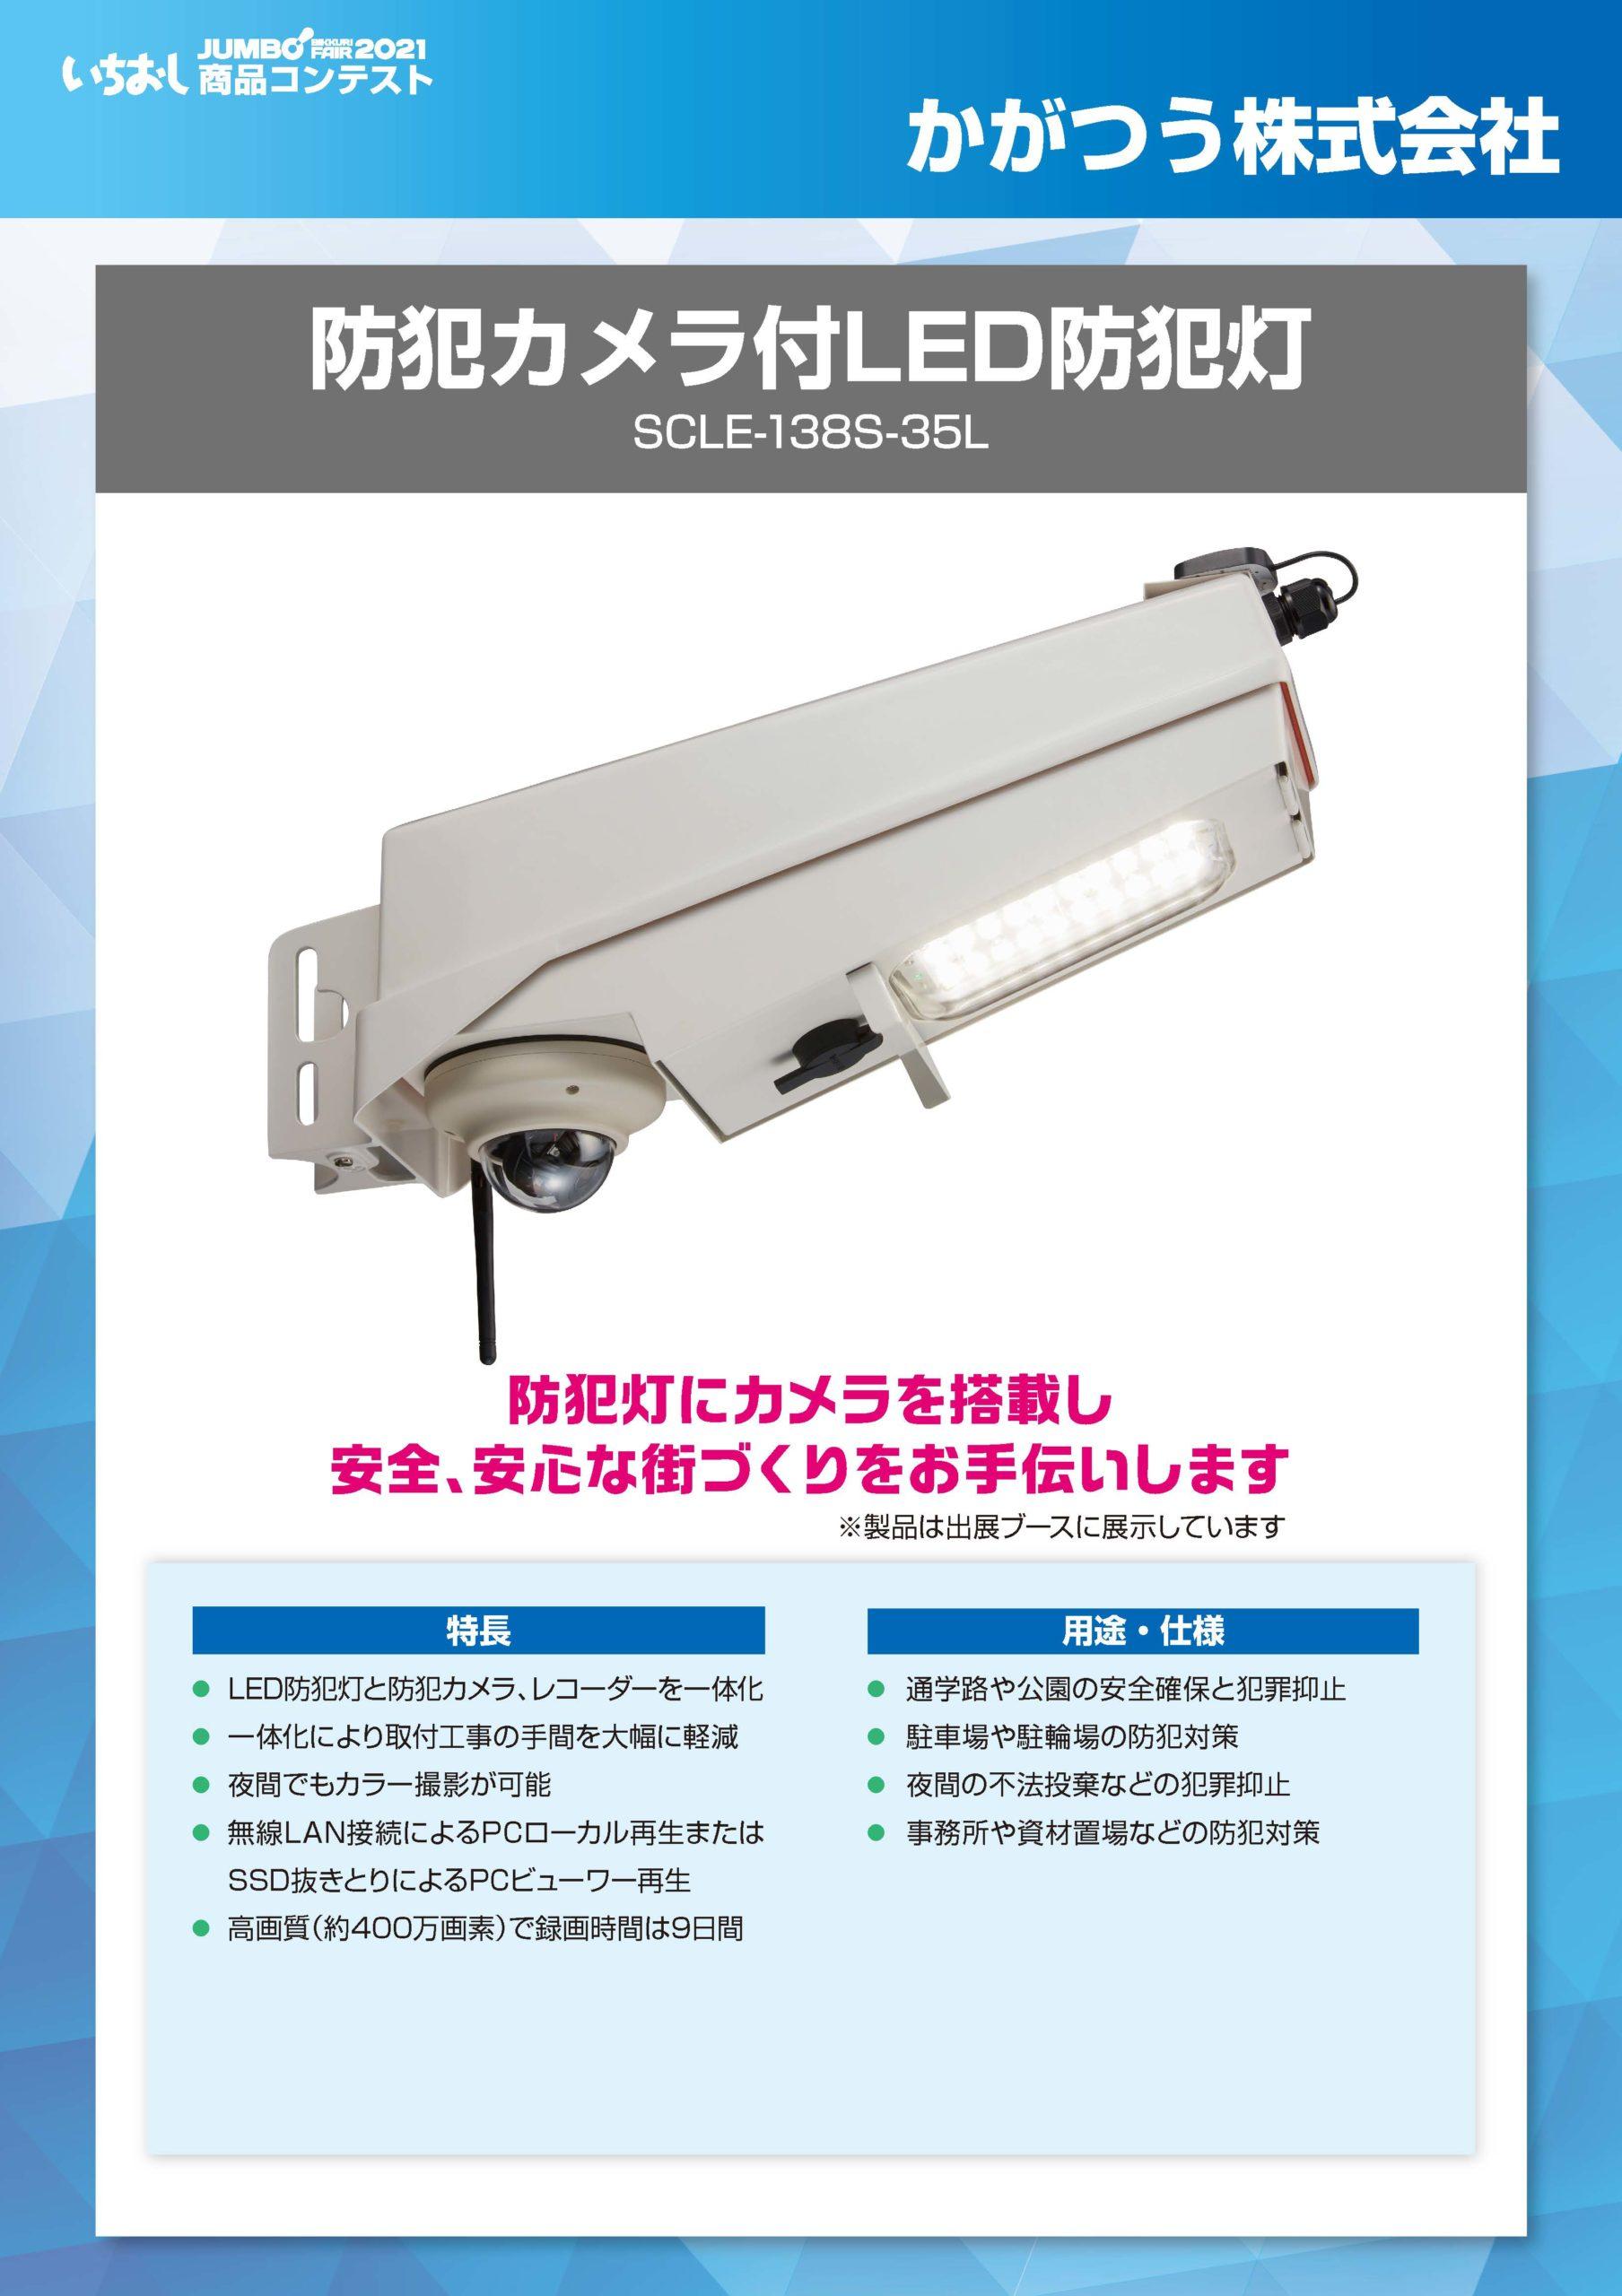 「防犯カメラ付LED防犯灯」かがつう株式会社の画像